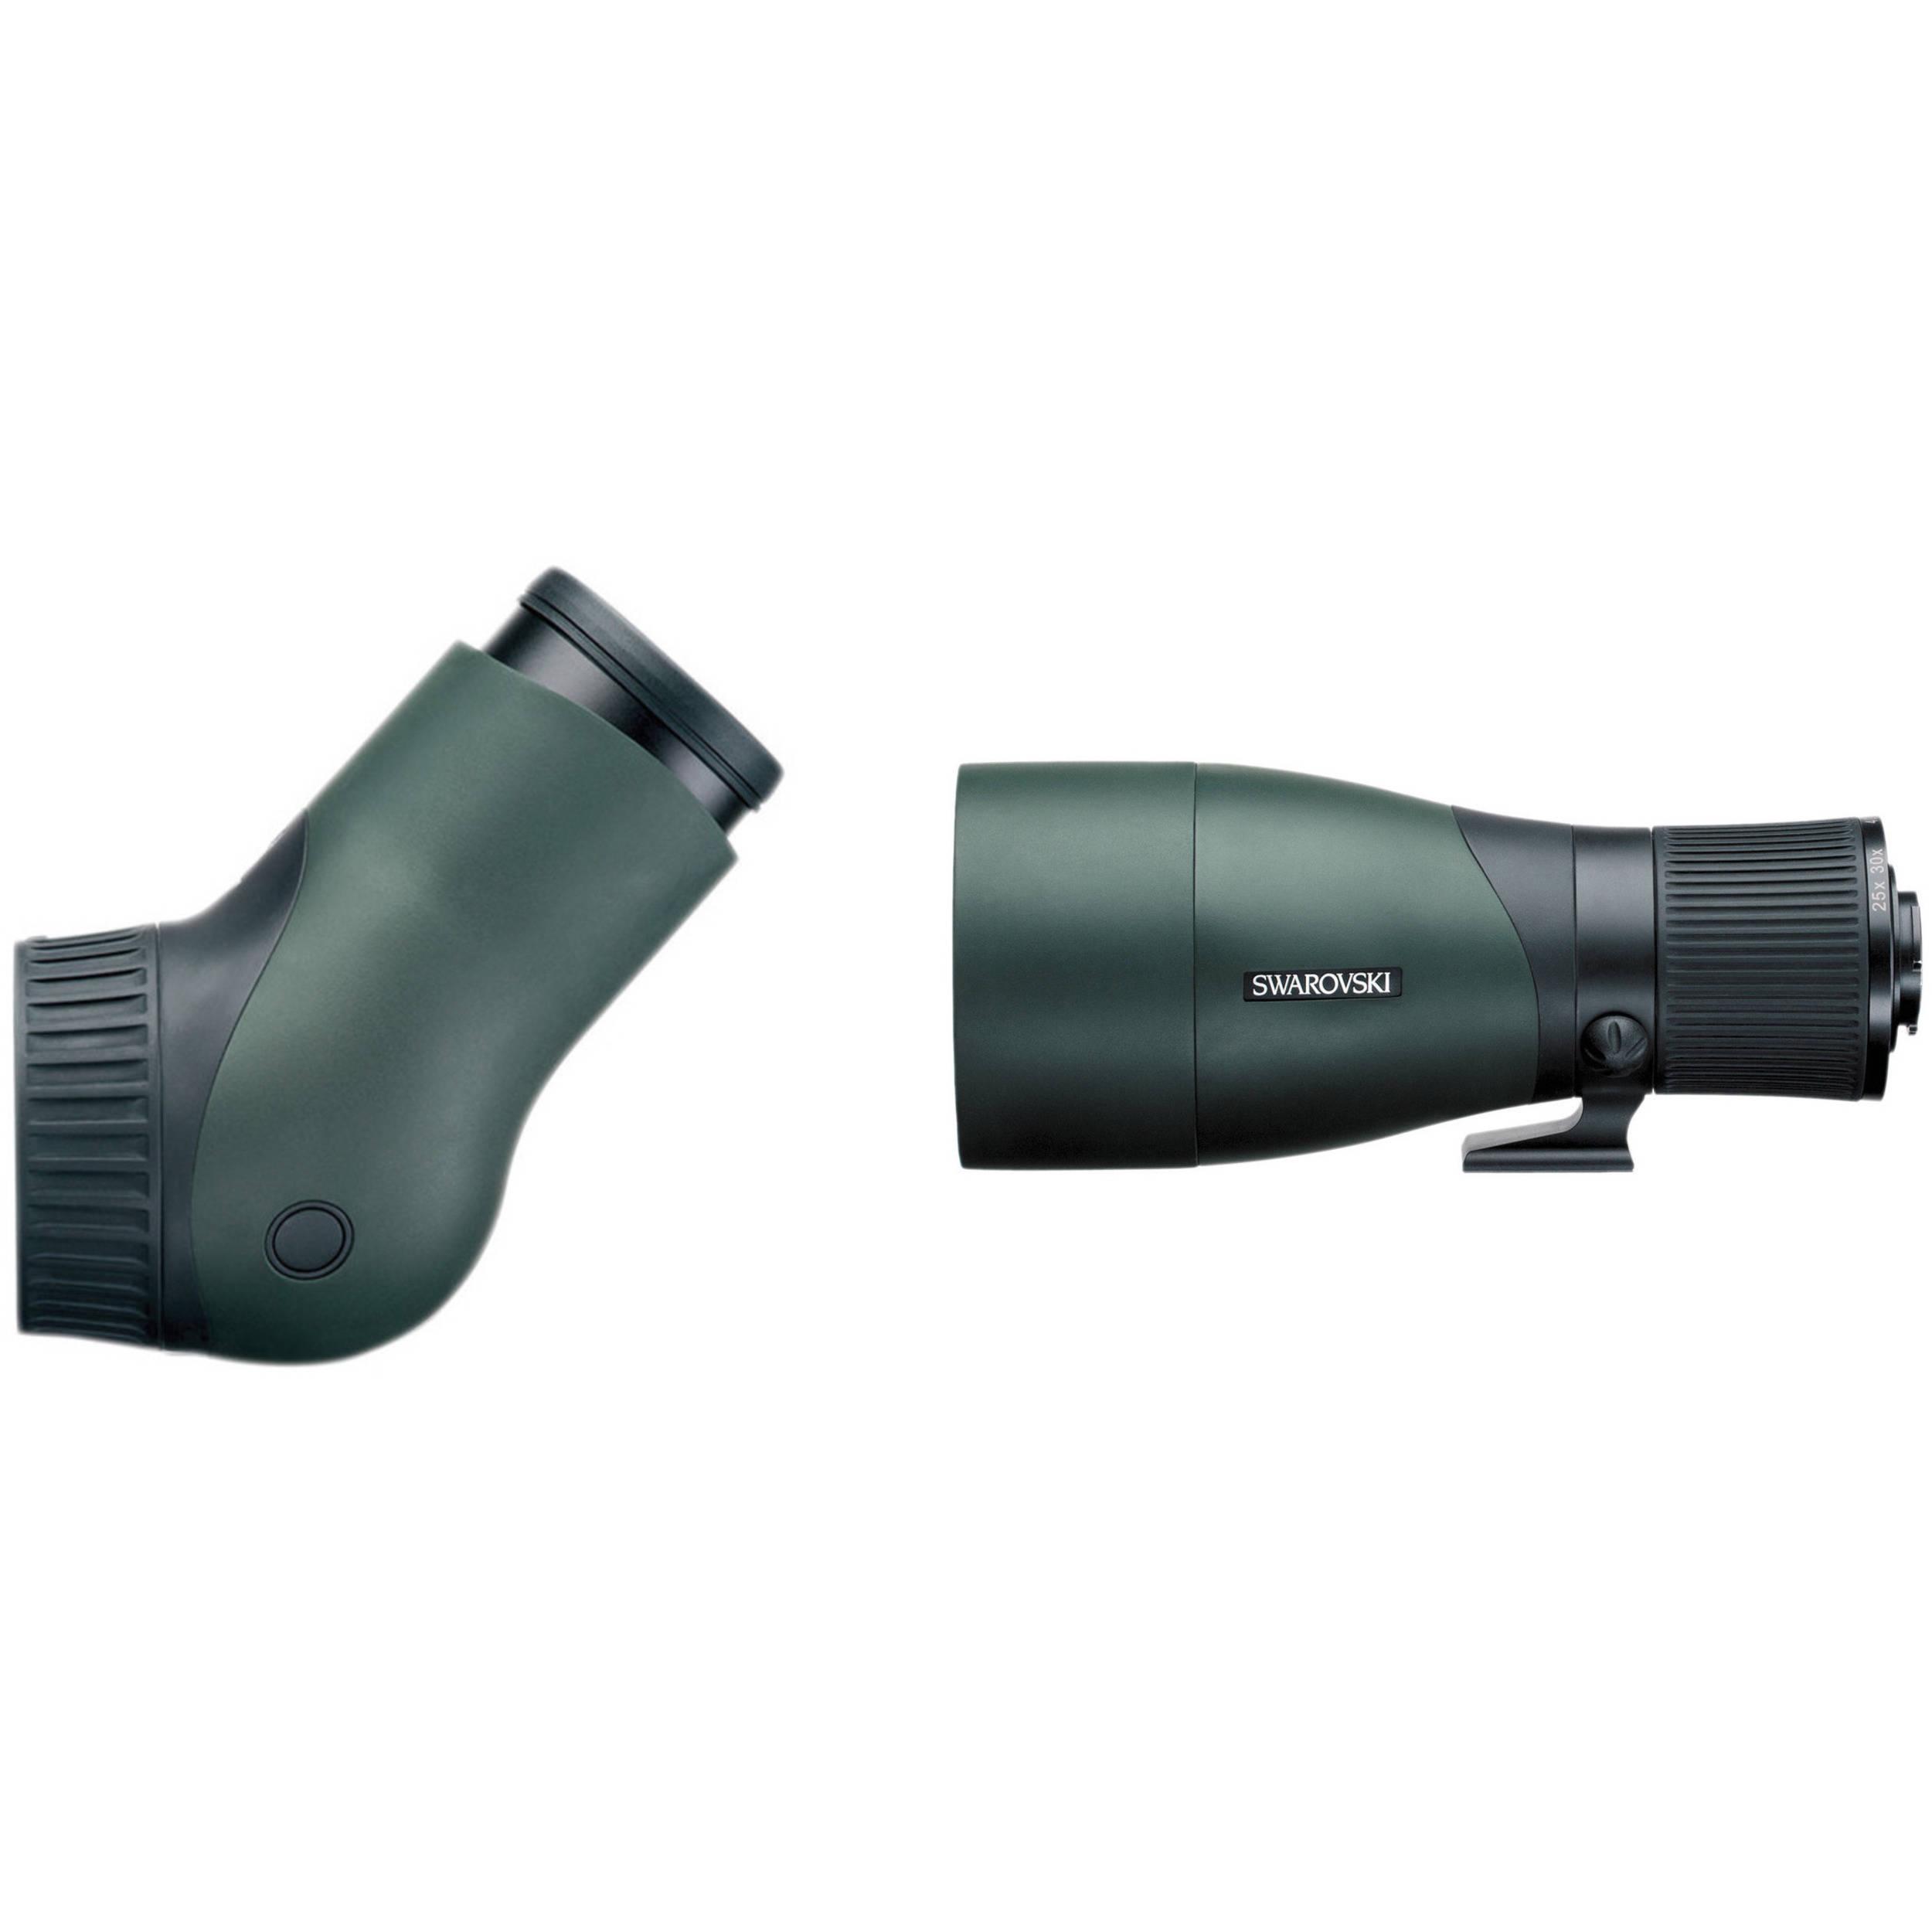 Swarovski Atx 85 25 60x Spotting Scope Kit With Eyepiece B H